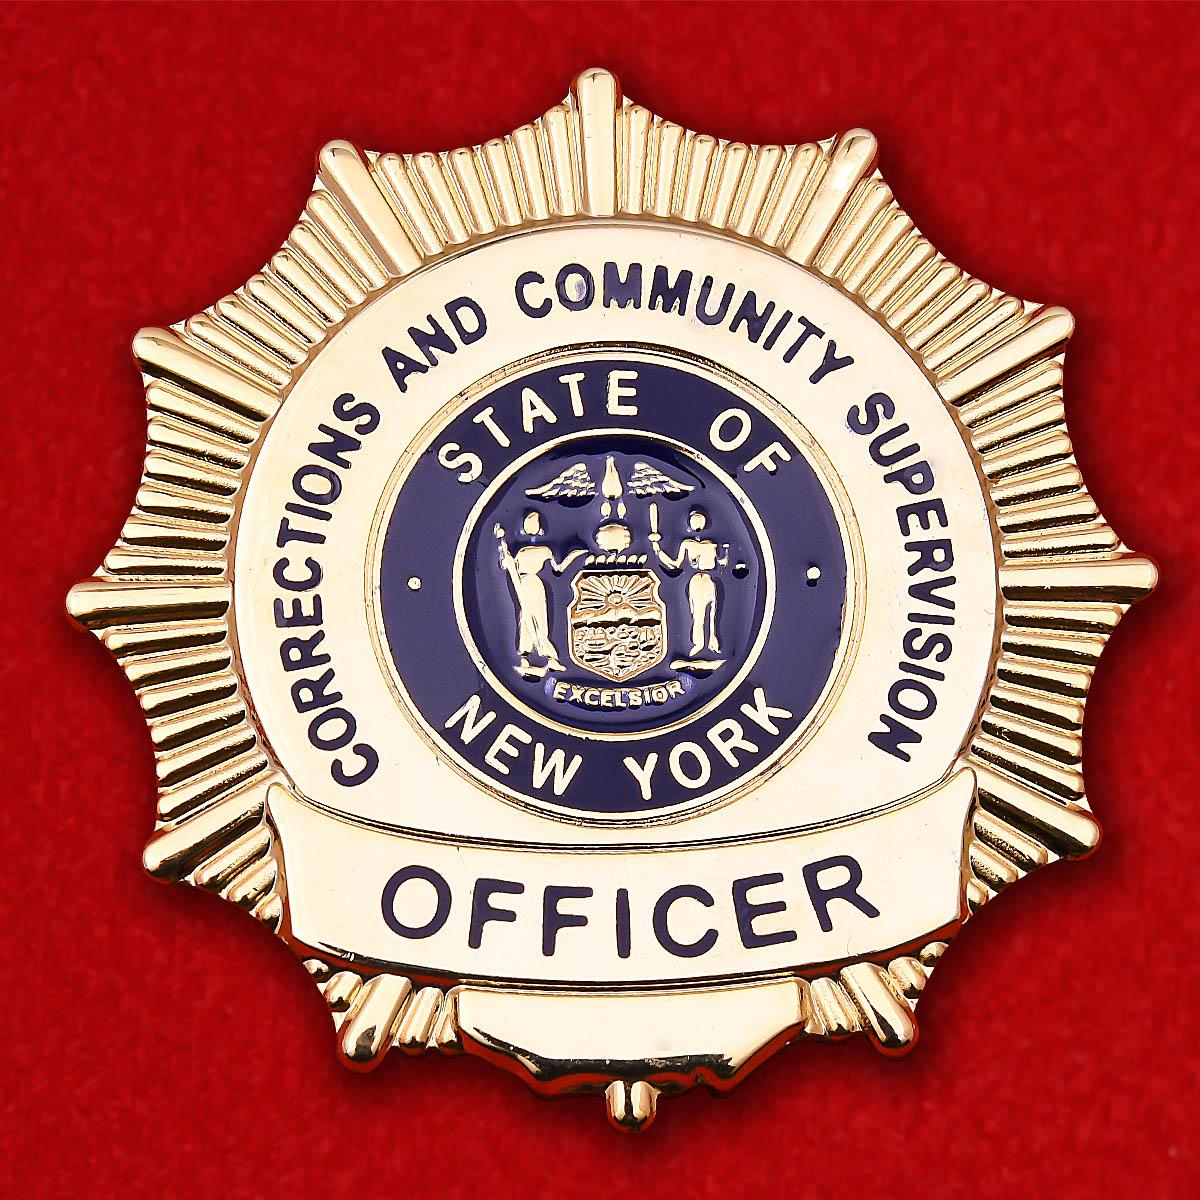 """Жетон """"Офицер Департамента исполнения наказаний и общественного надзора Нью-Йорка"""""""